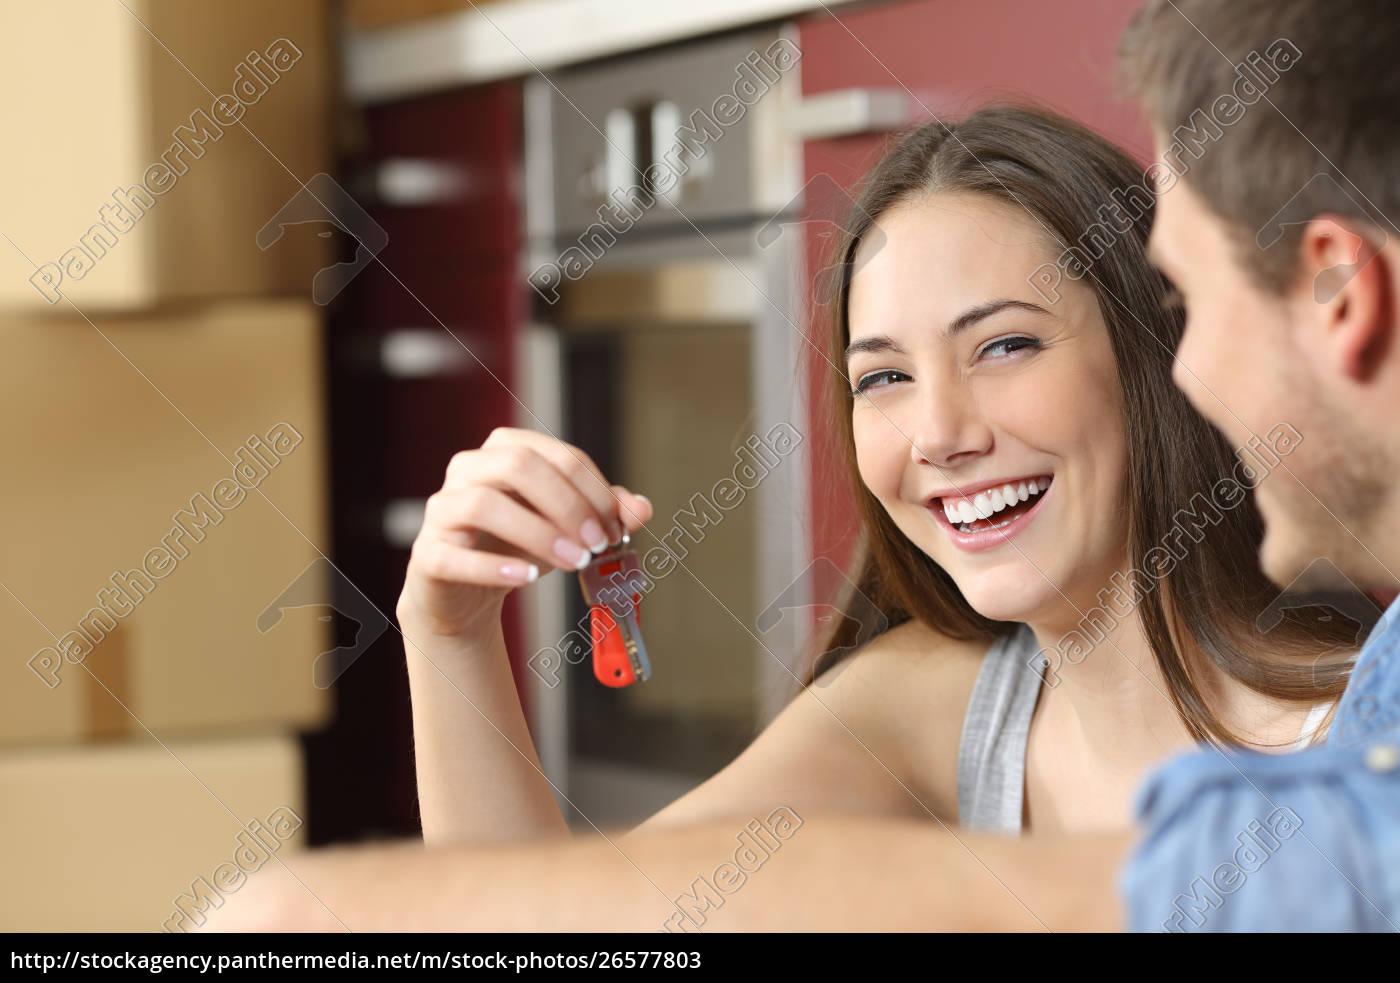 feliz, nuevos, propietarios, de, pisos, mostrando - 26577803